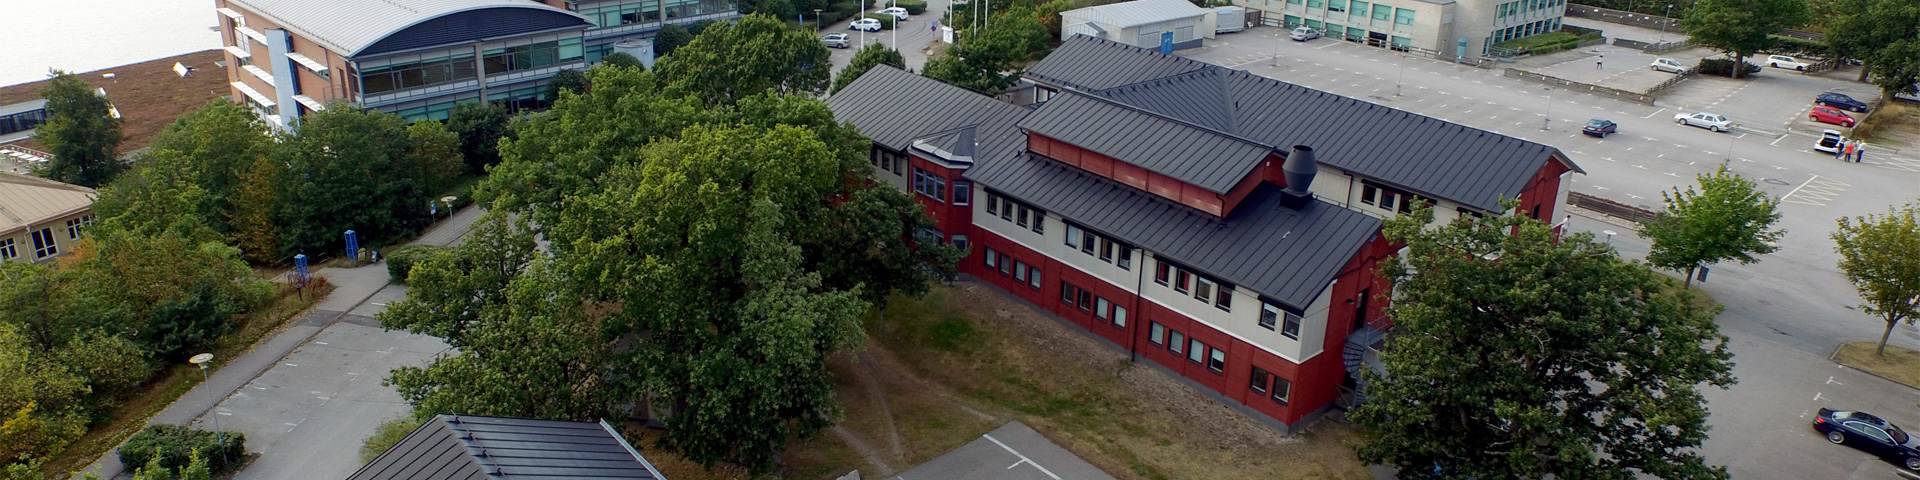 campus-grasvik-5